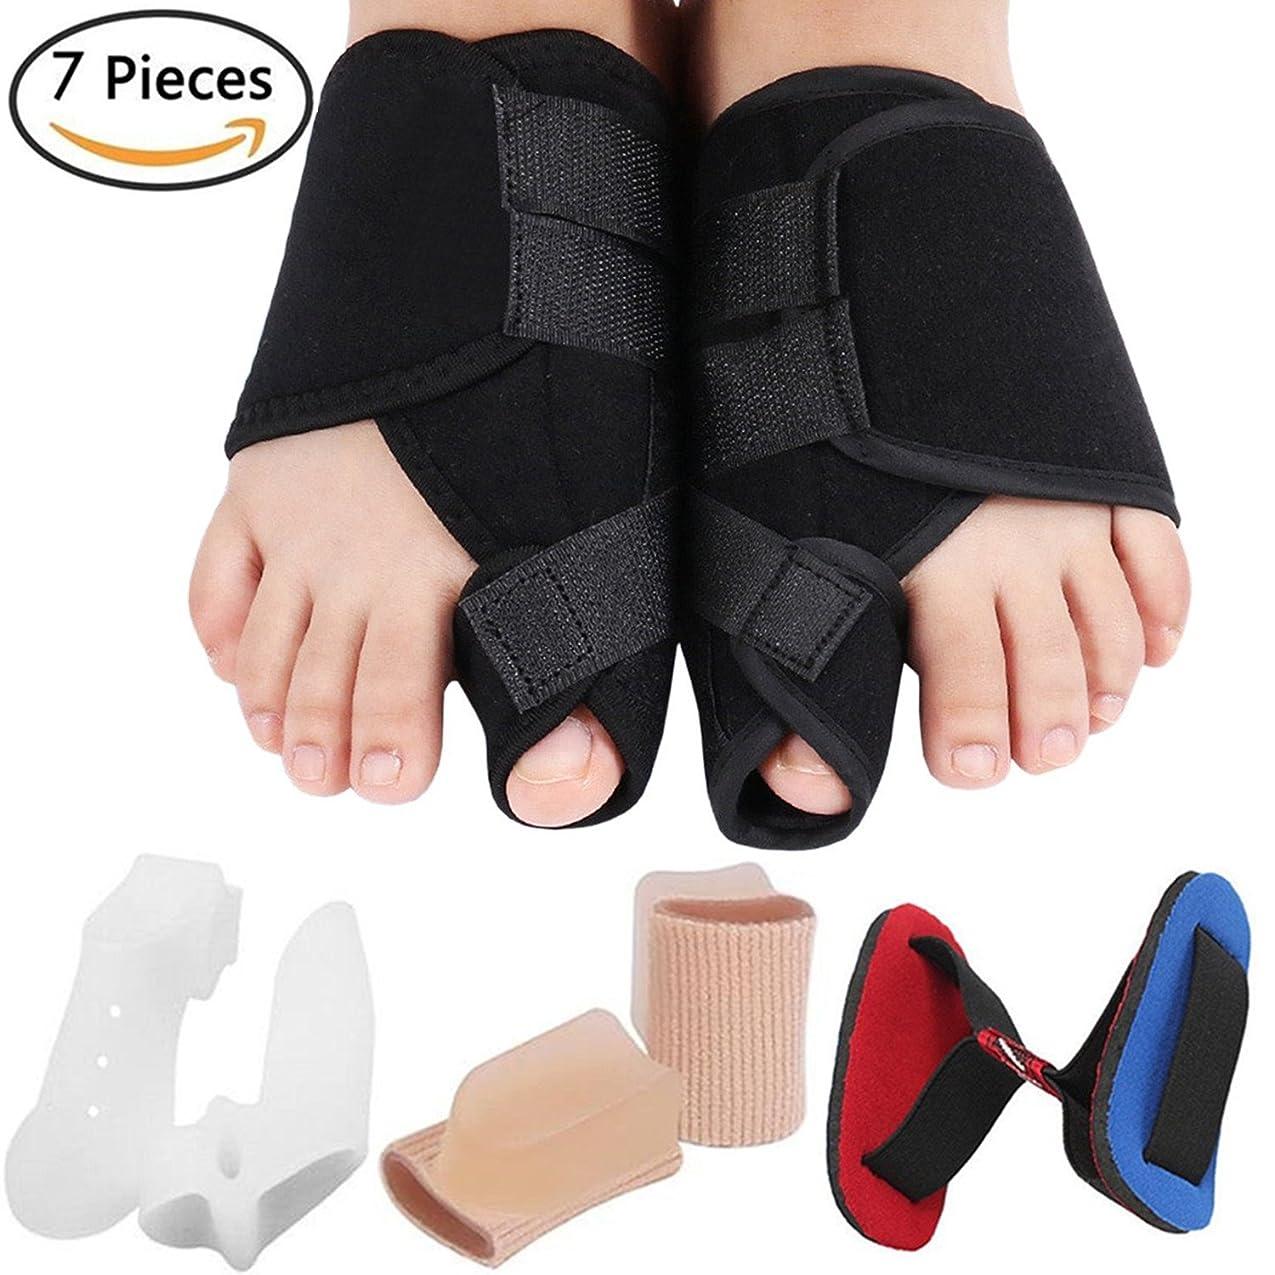 プロペラインカ帝国罹患率Bunion Corrector Bunion Relief Kit, Bunion Splint Toe Straightener Corrector for Hallux Valgus, Big Toe Joint, Hammer Toes, Splint Aid Surgery Treatment for Women and Men